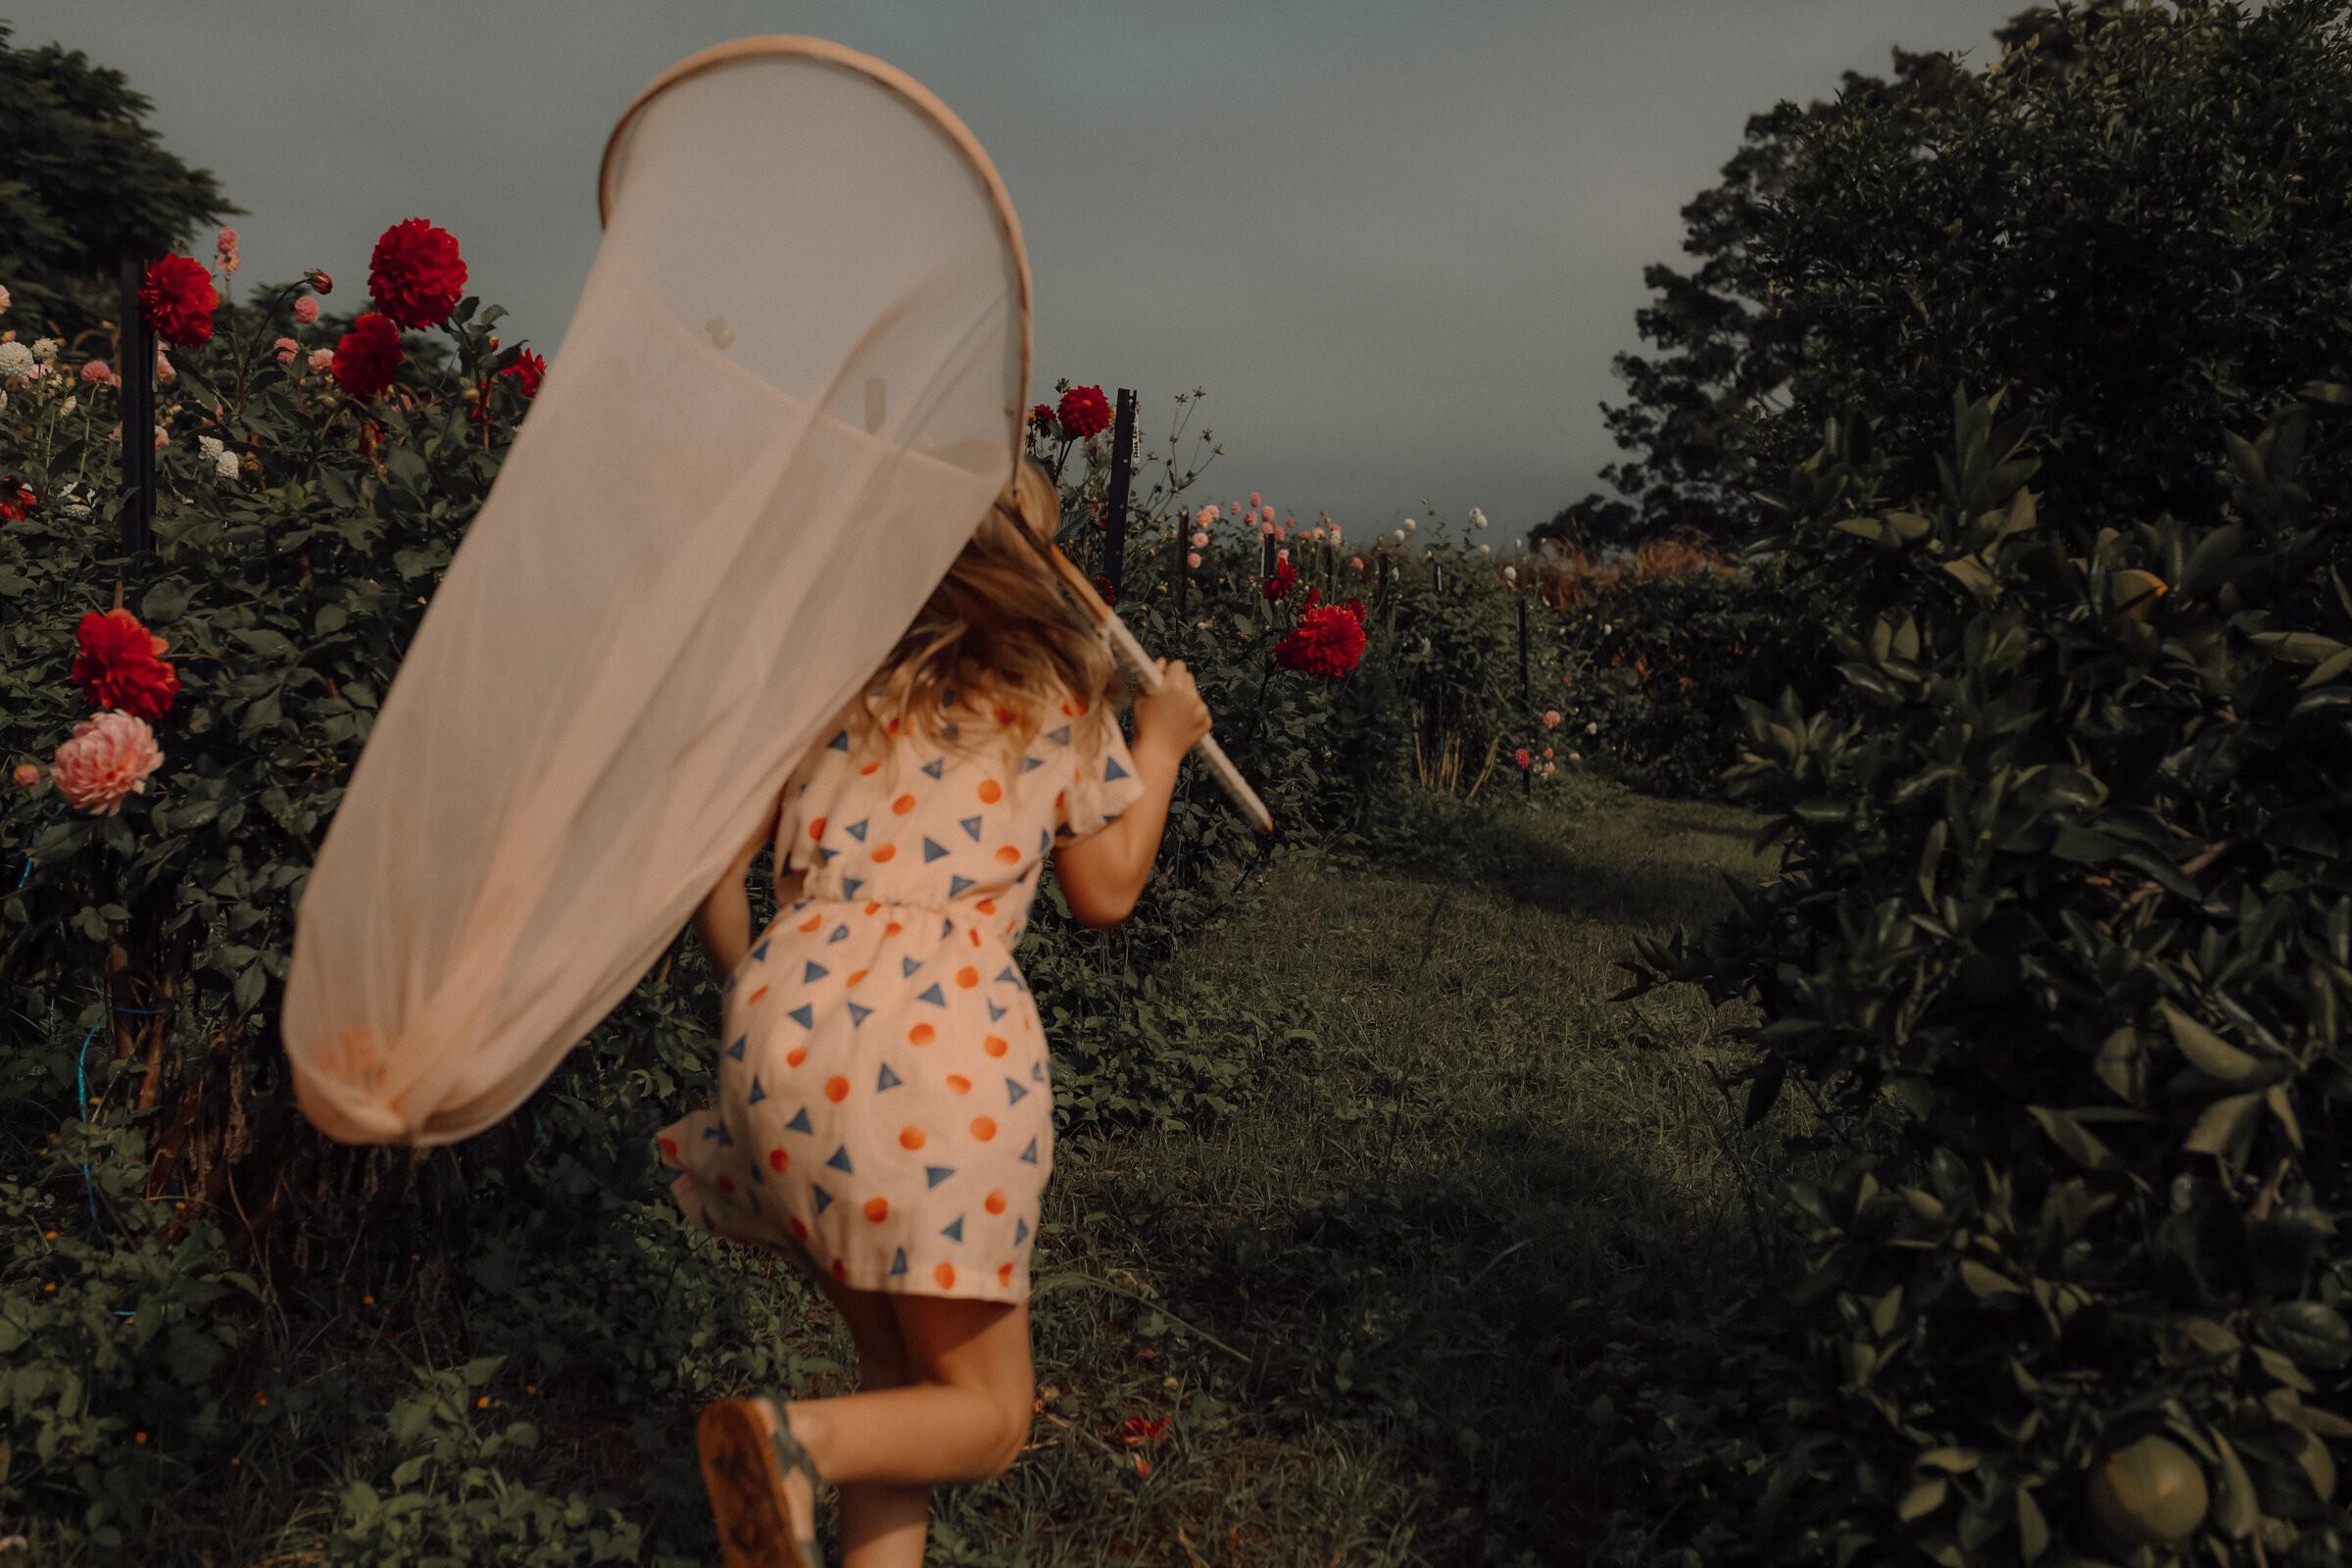 Съёмка для брендов. Фотограф Лиза Соргини